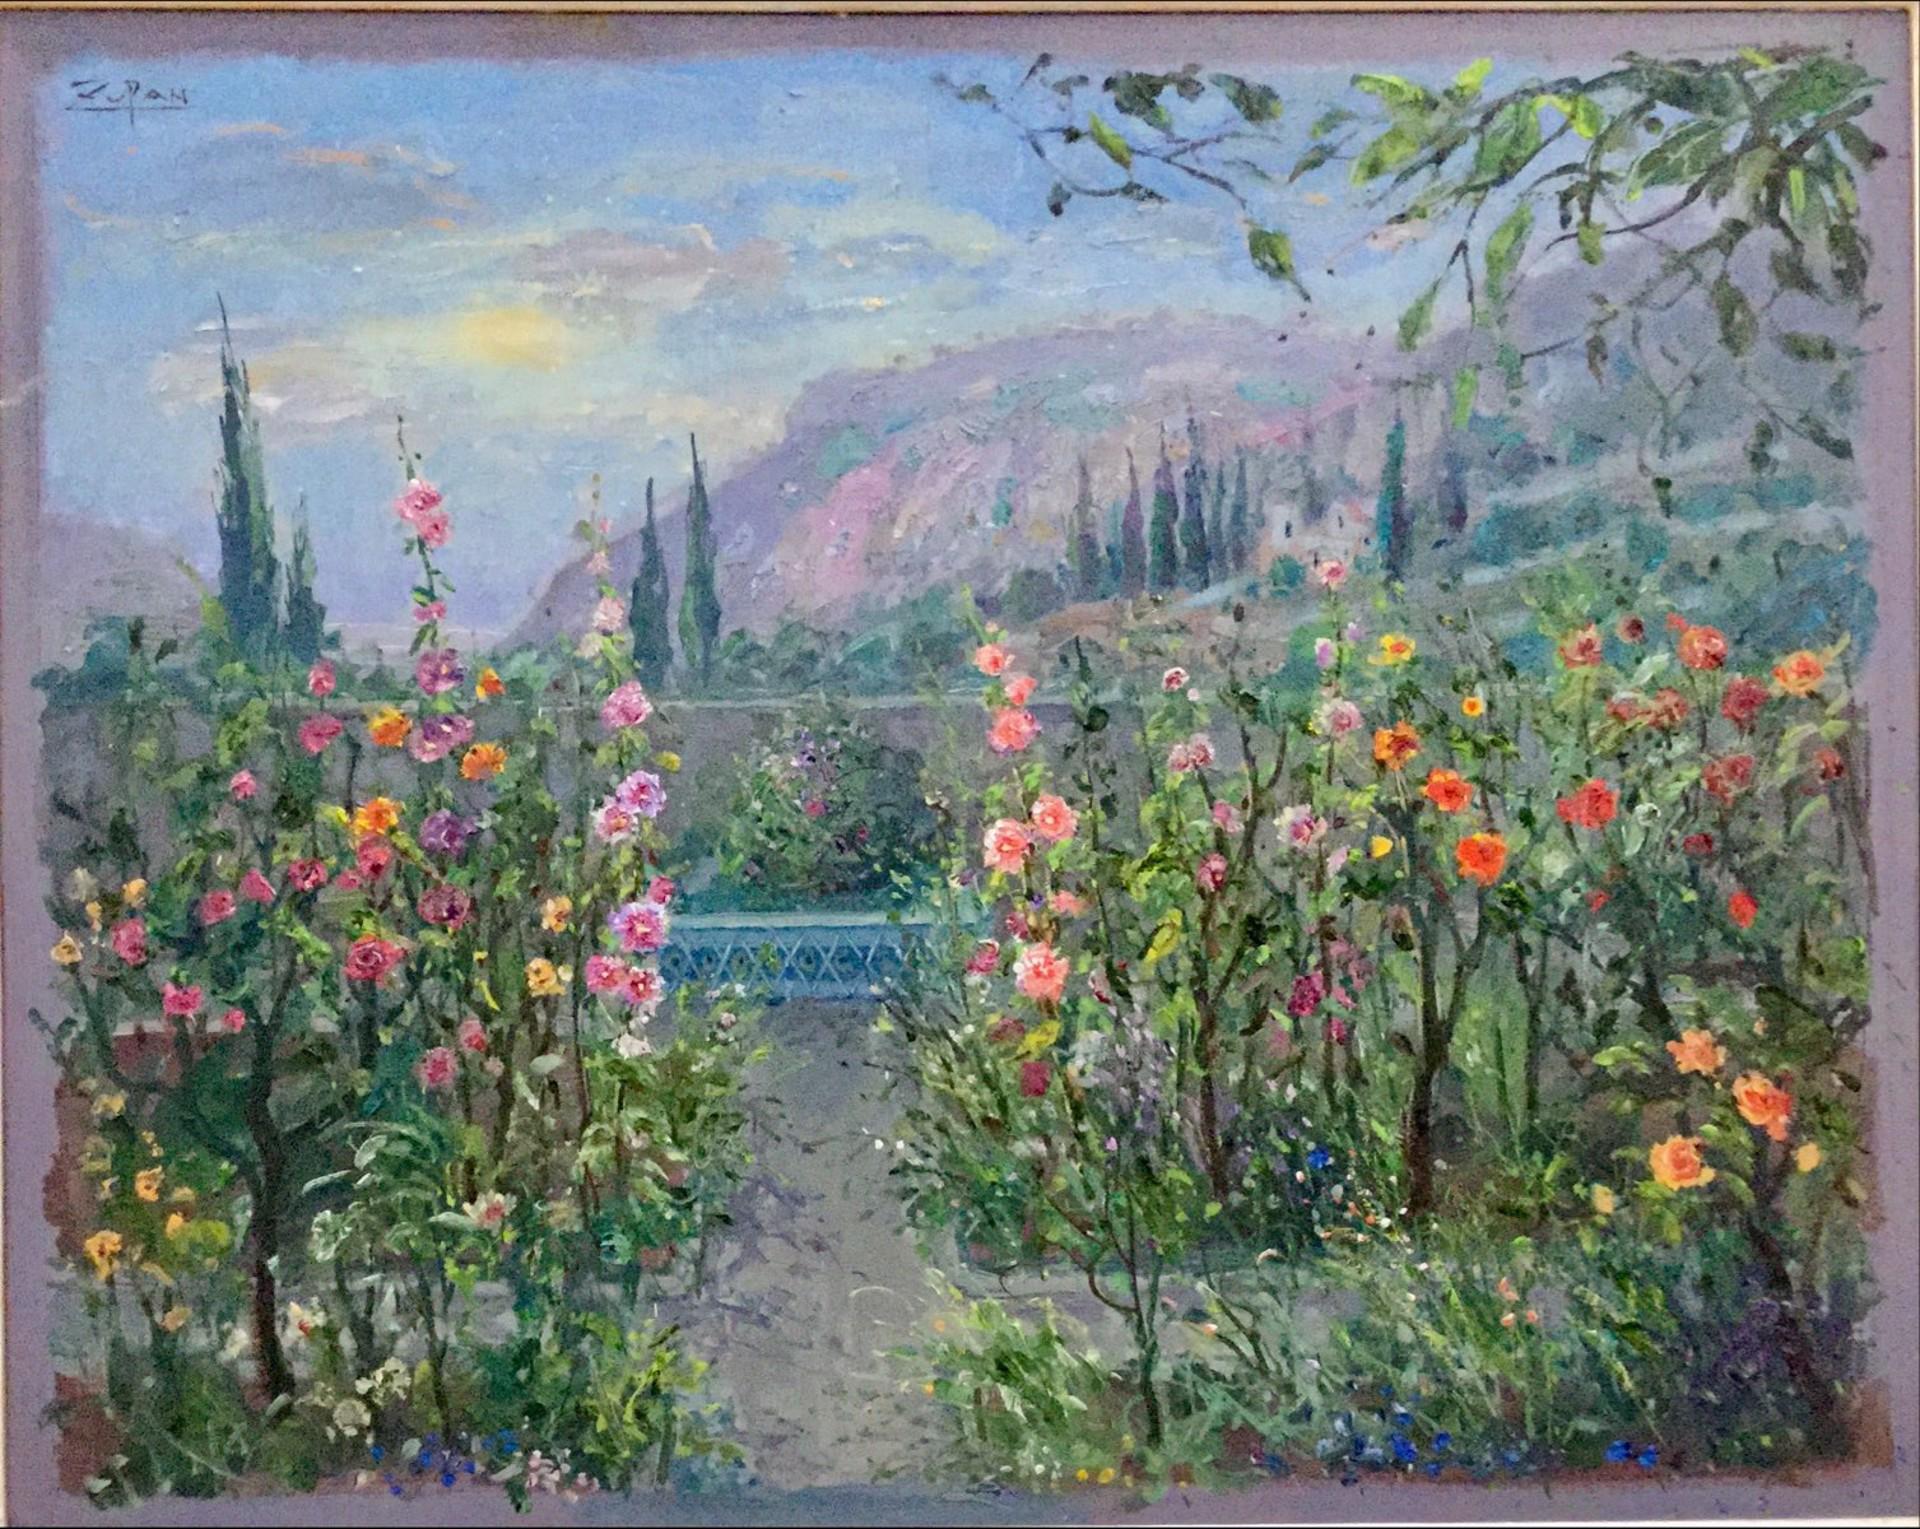 Summer In Chopin's Garden by Bruno Zupan